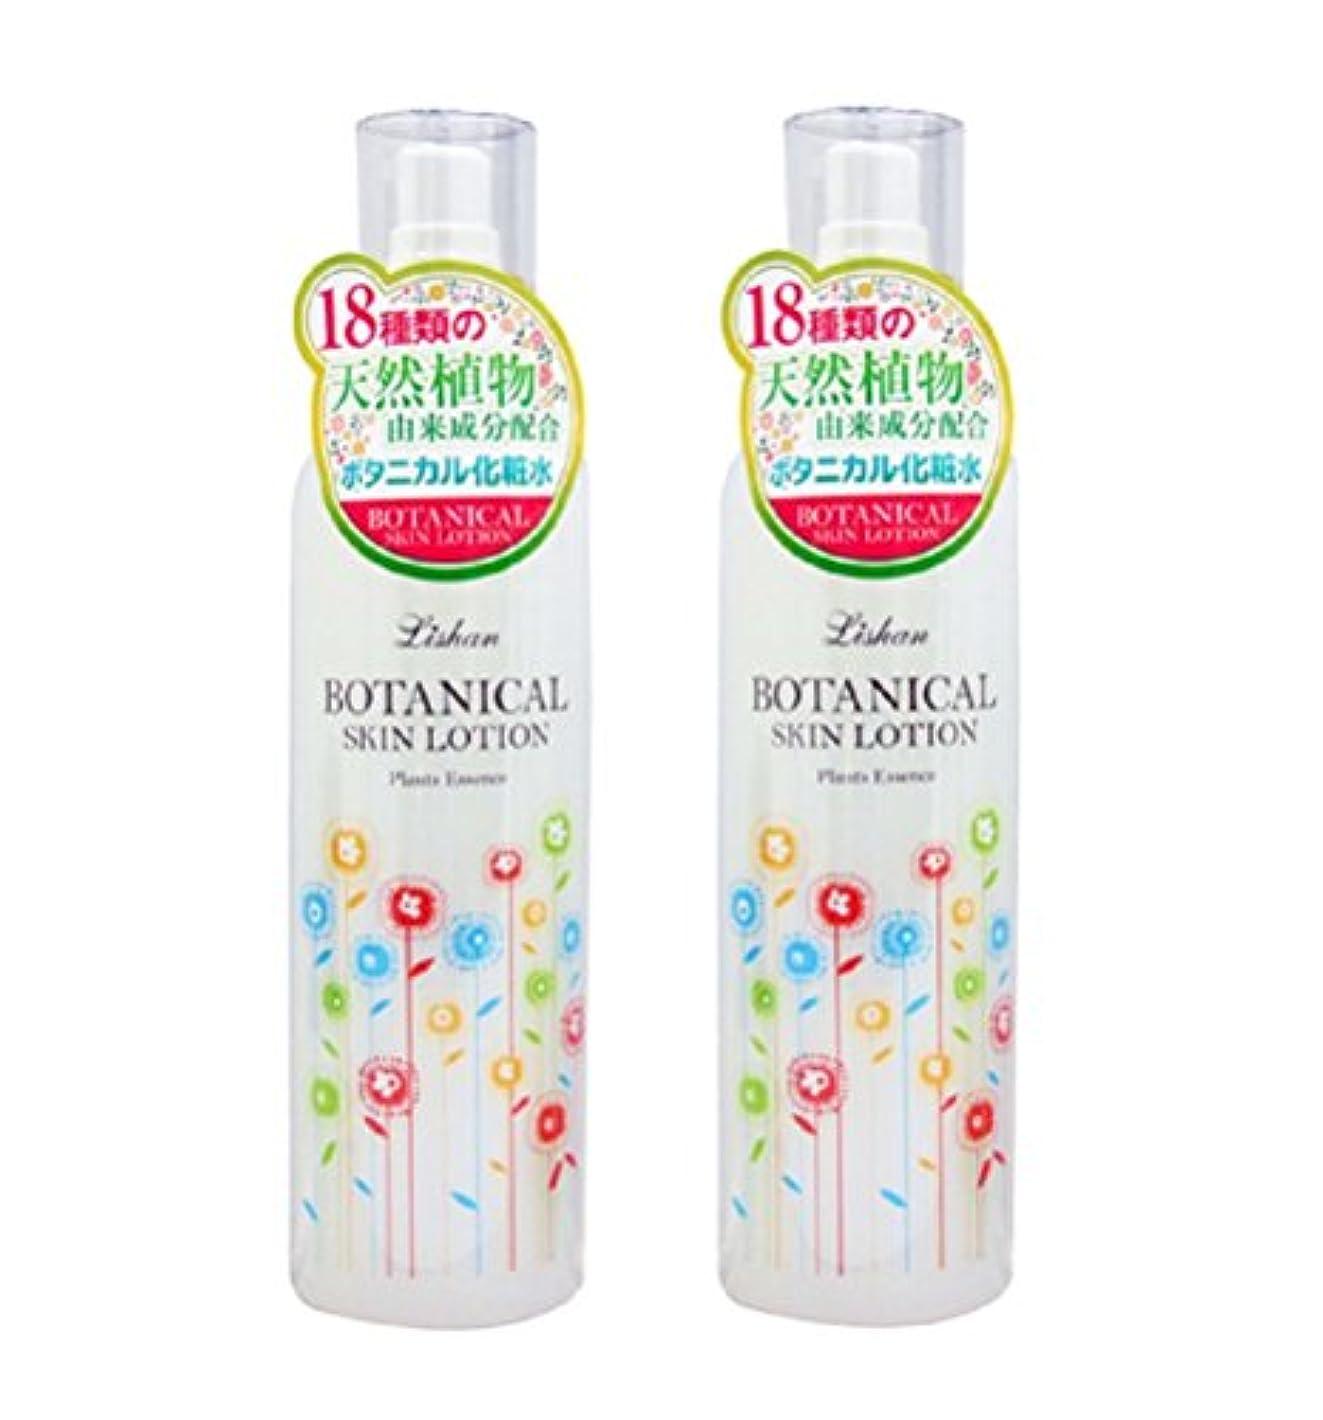 ユーモラスめったに欠乏リシャン ボタニカル化粧水 フローラルの香り 260ml×2本セット